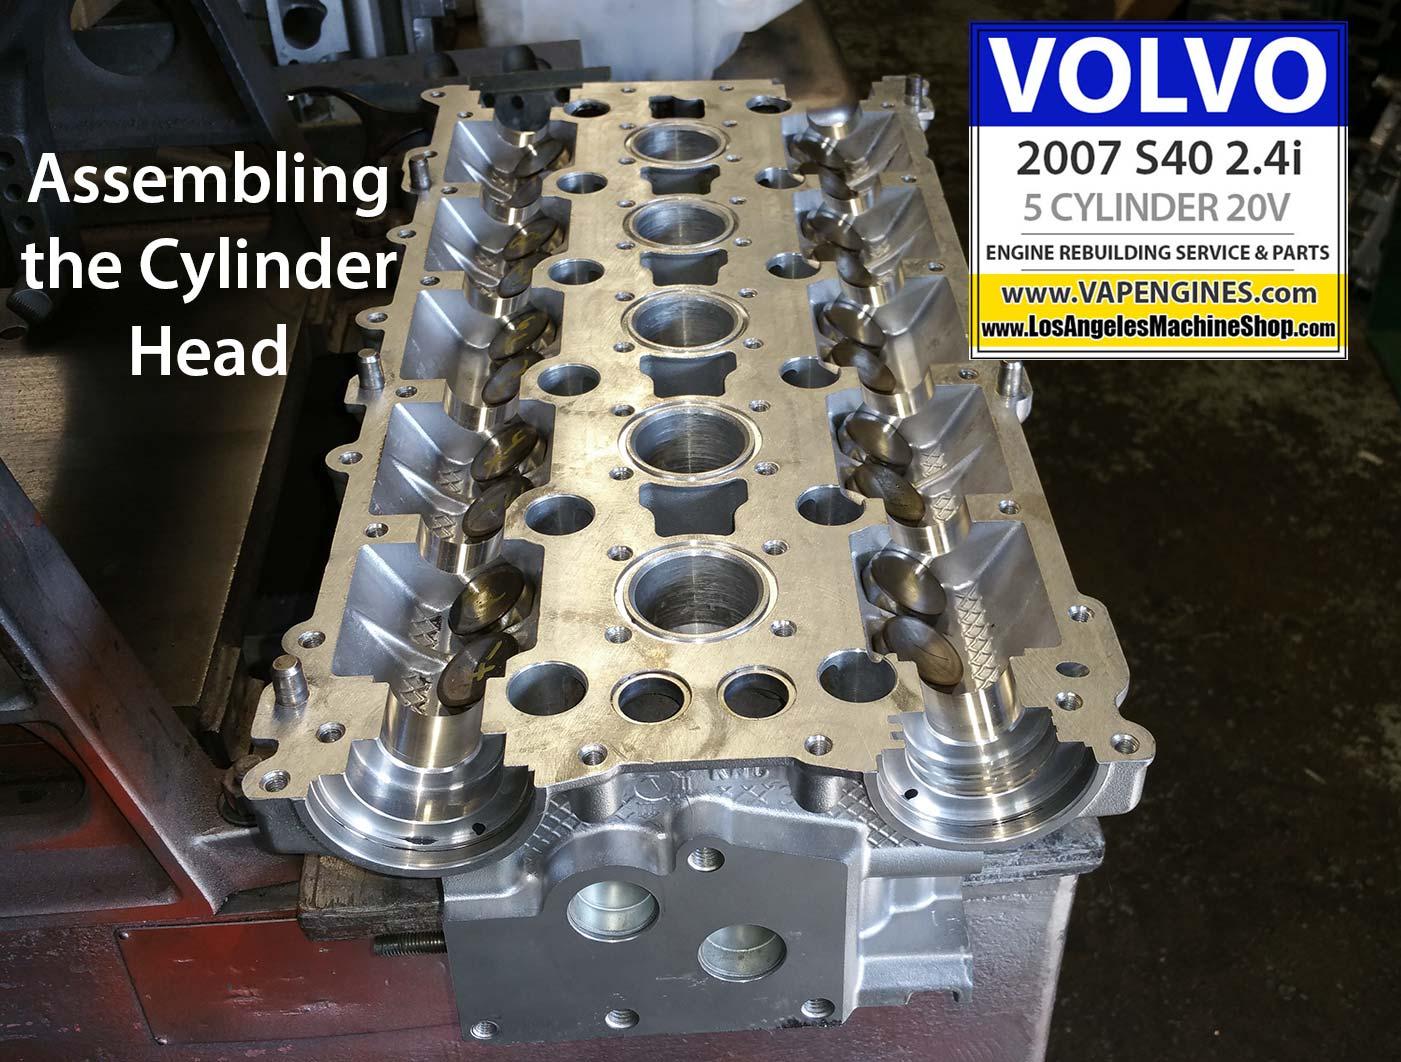 07 Volvo S40 2.4i Engine Rebuild | Los Angeles Machine Shop- Engine Rebuilder|Auto Parts Store